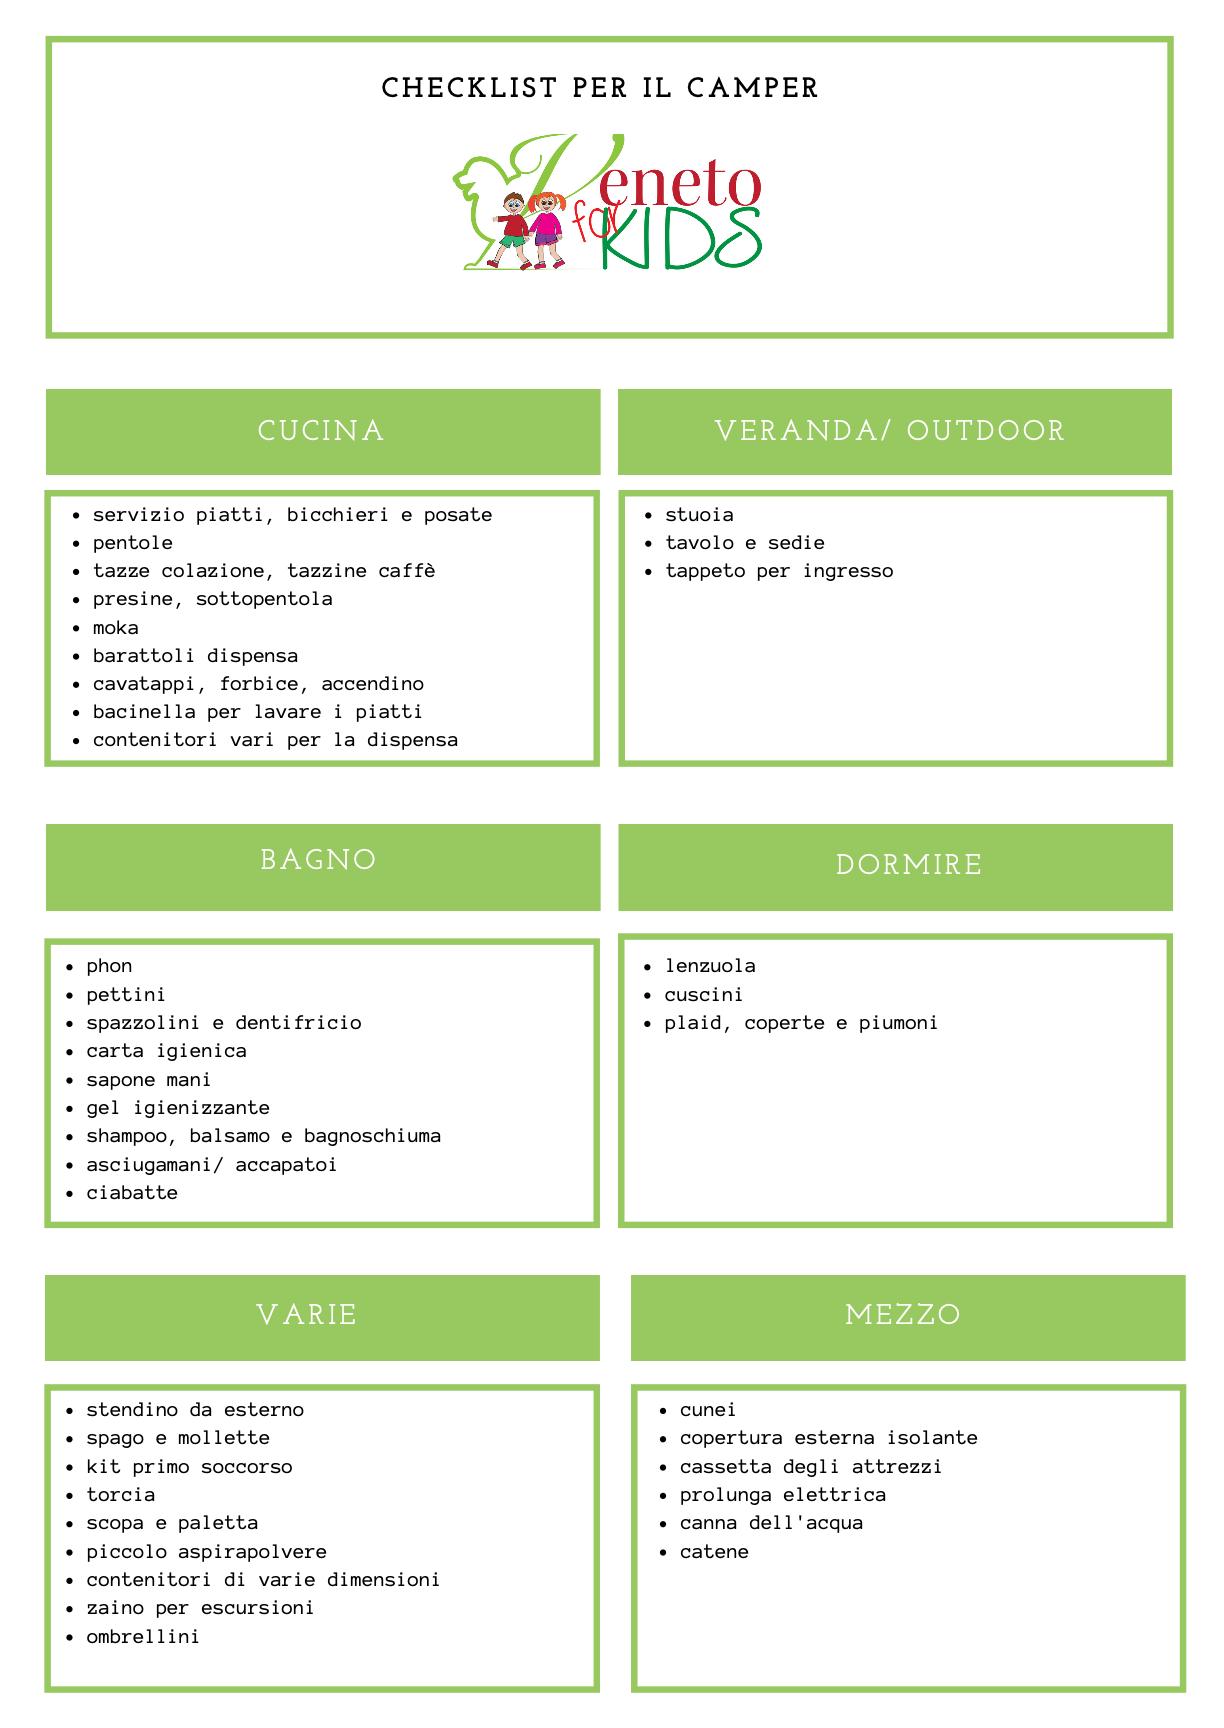 checklist scaricabile